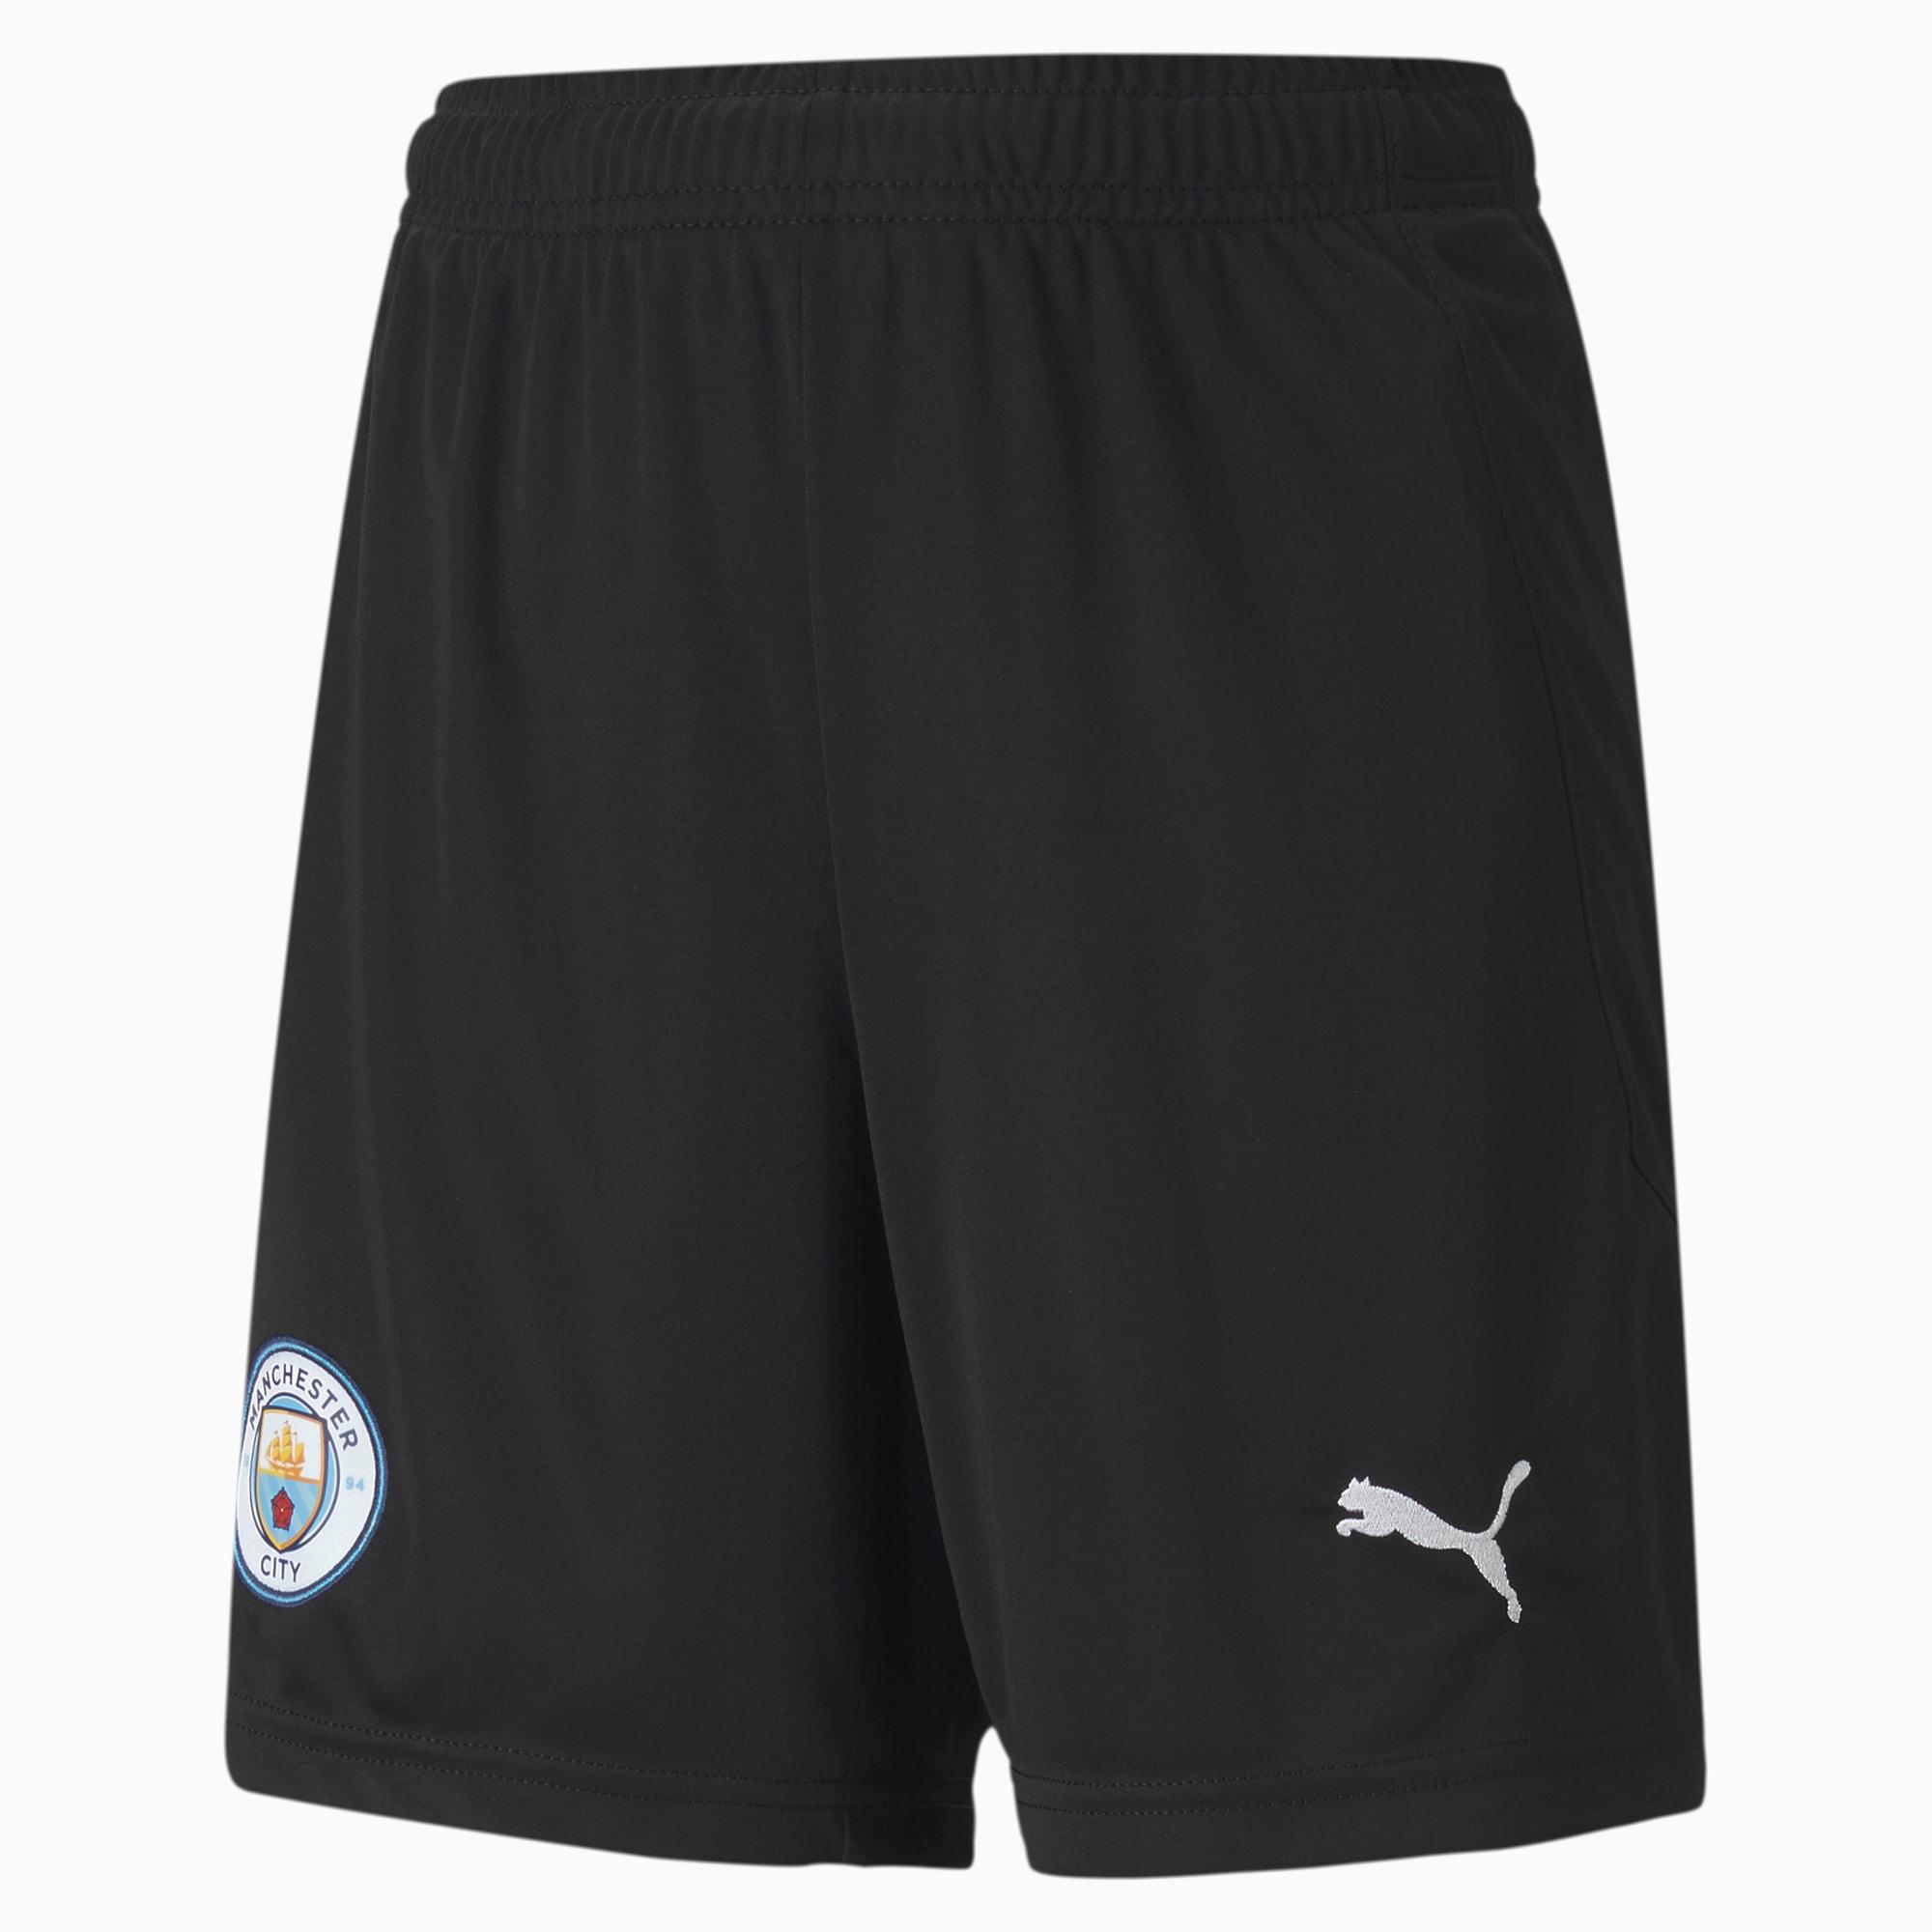 Shorts de Portero Réplica Del Manchester City Juveniles, Gris/Negro, Talla 128   PUMA